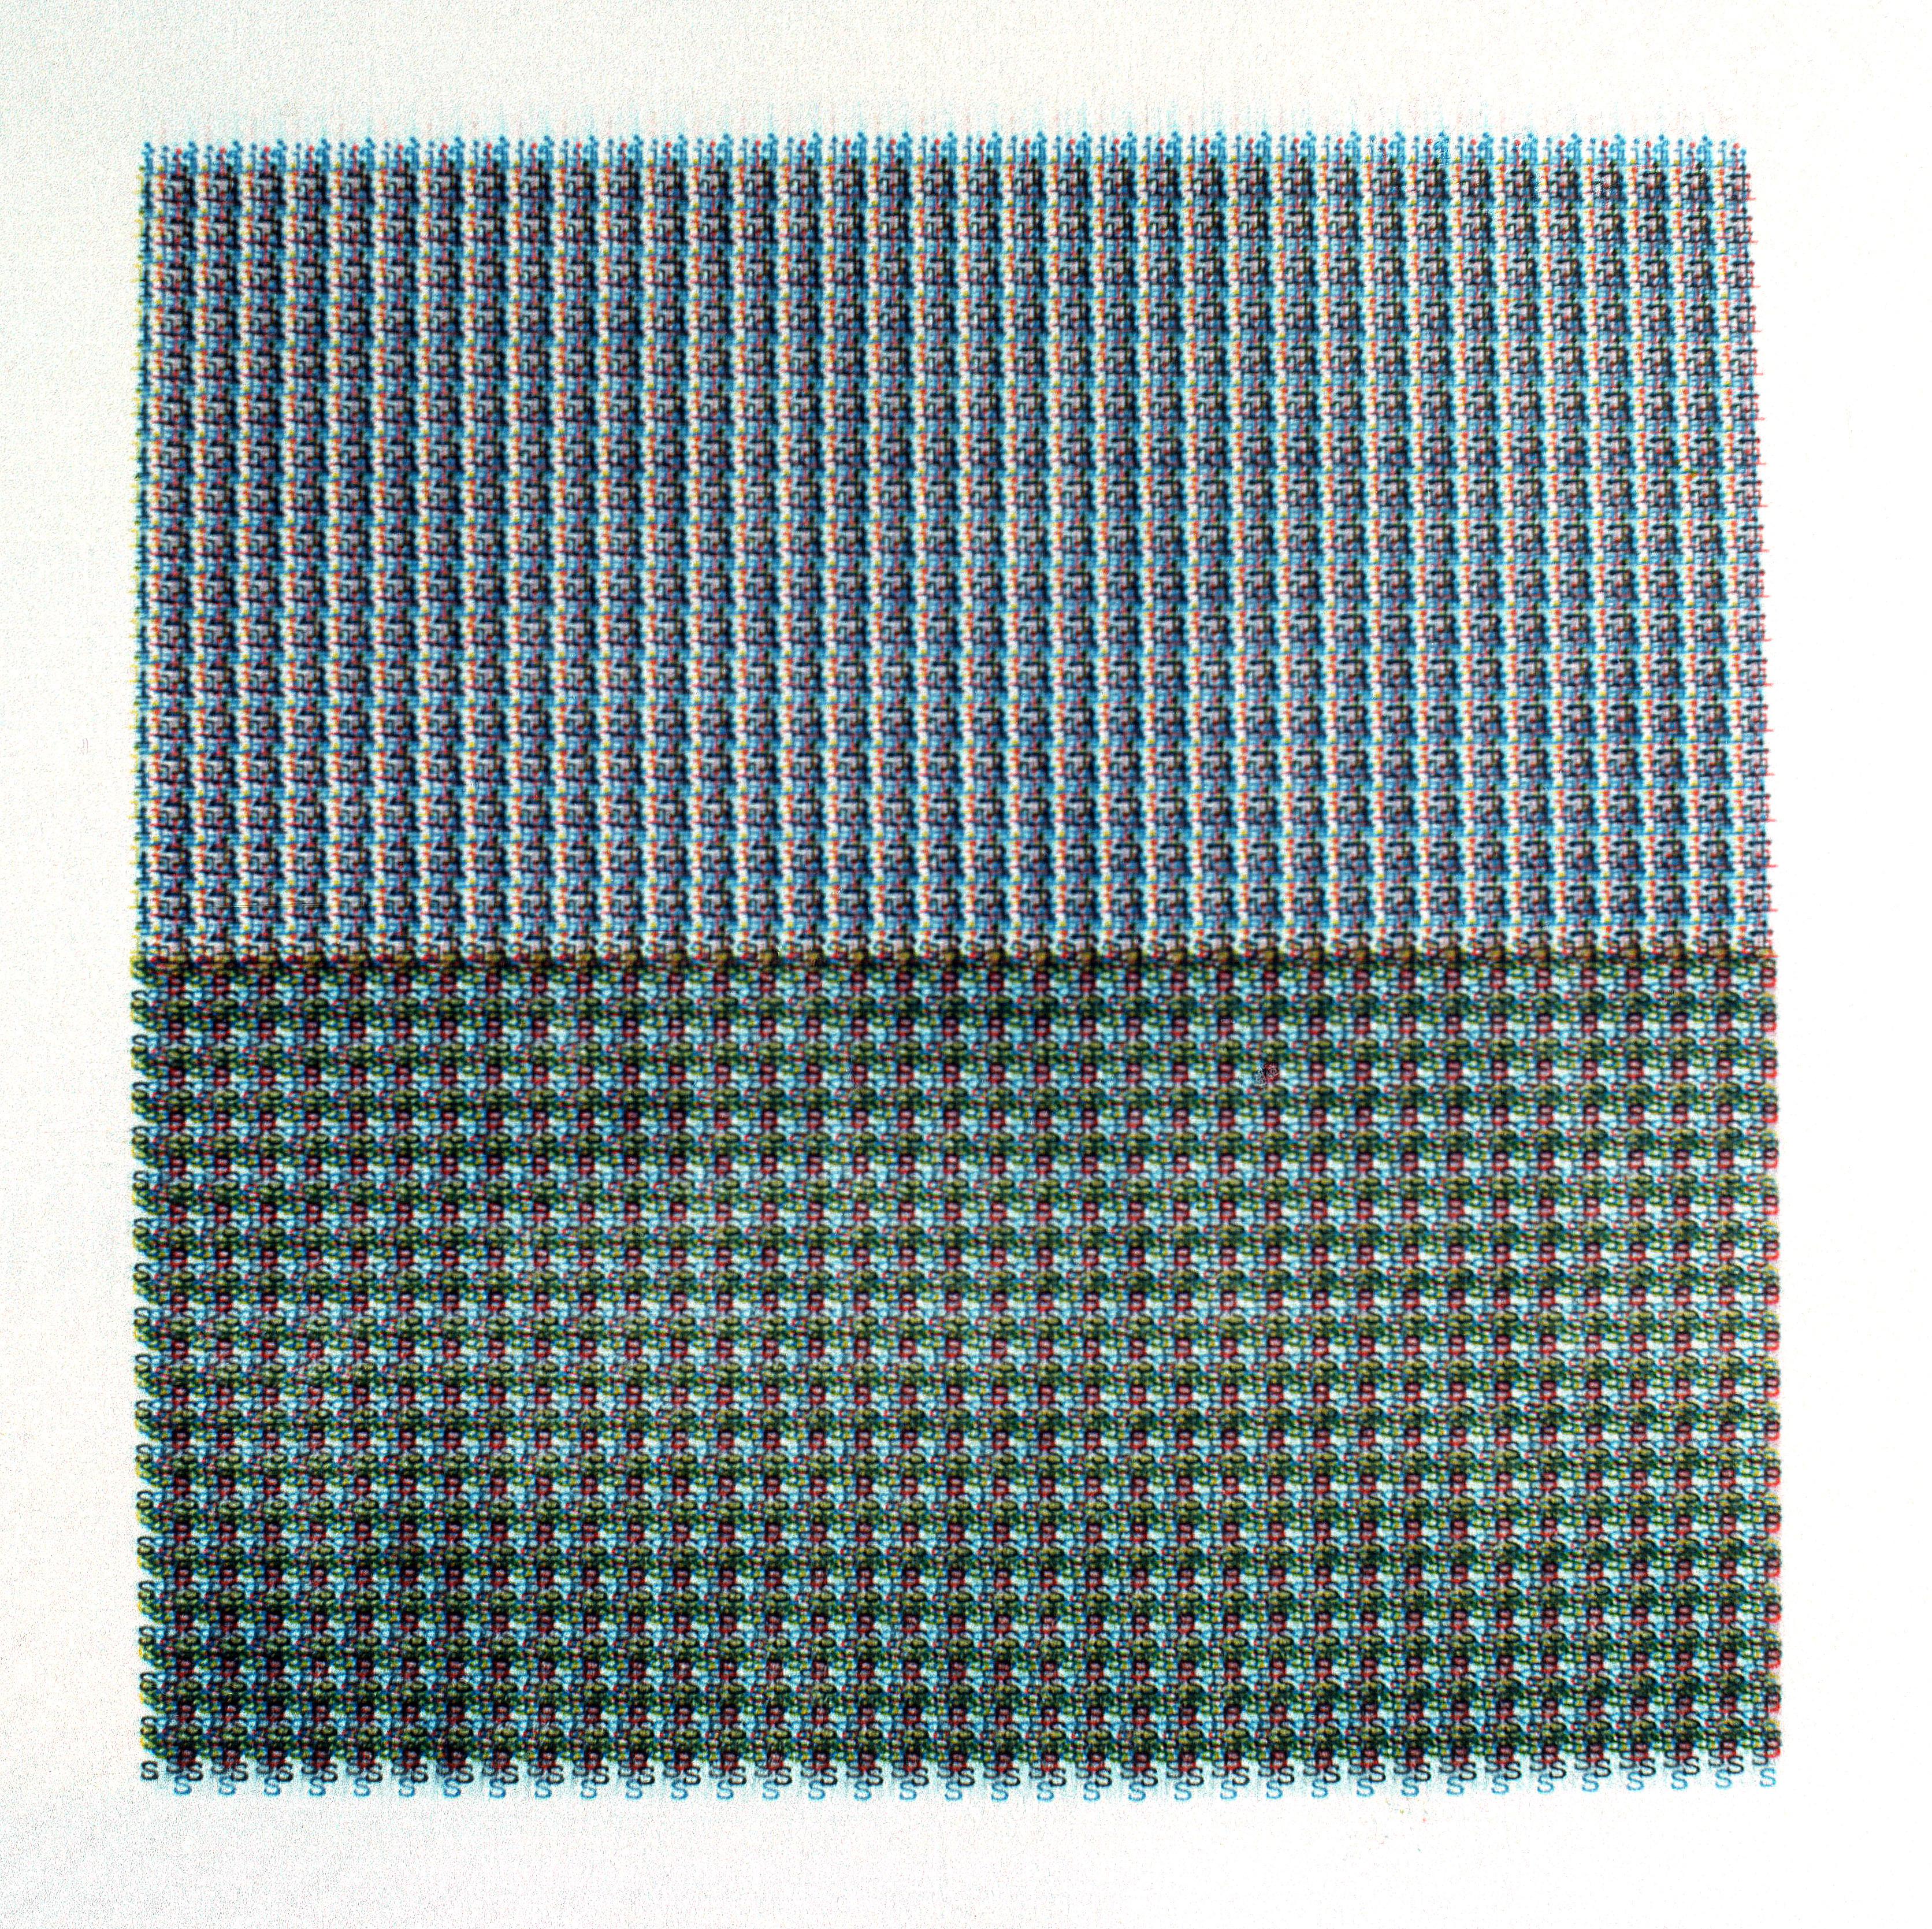 offset print is 155700-HRSL-053